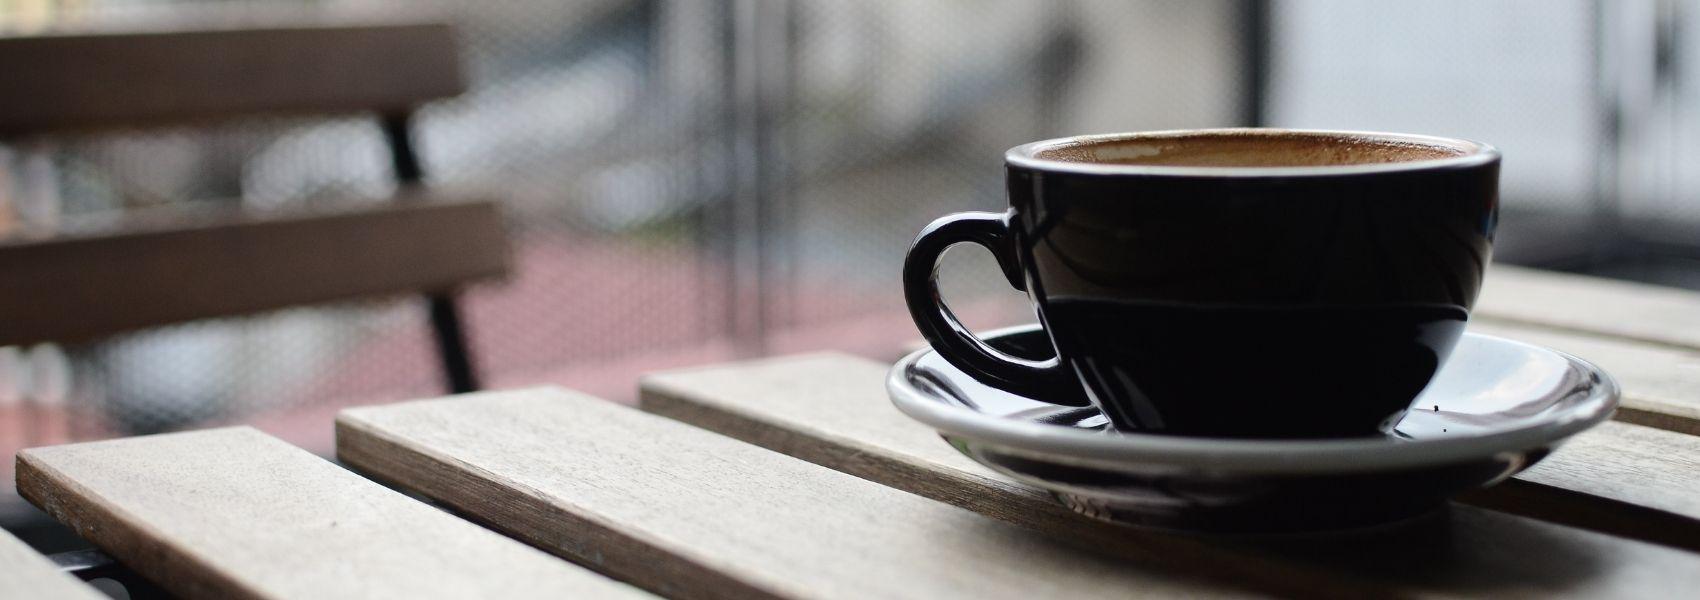 Estudo revela que o café não aumenta o risco de arritmias